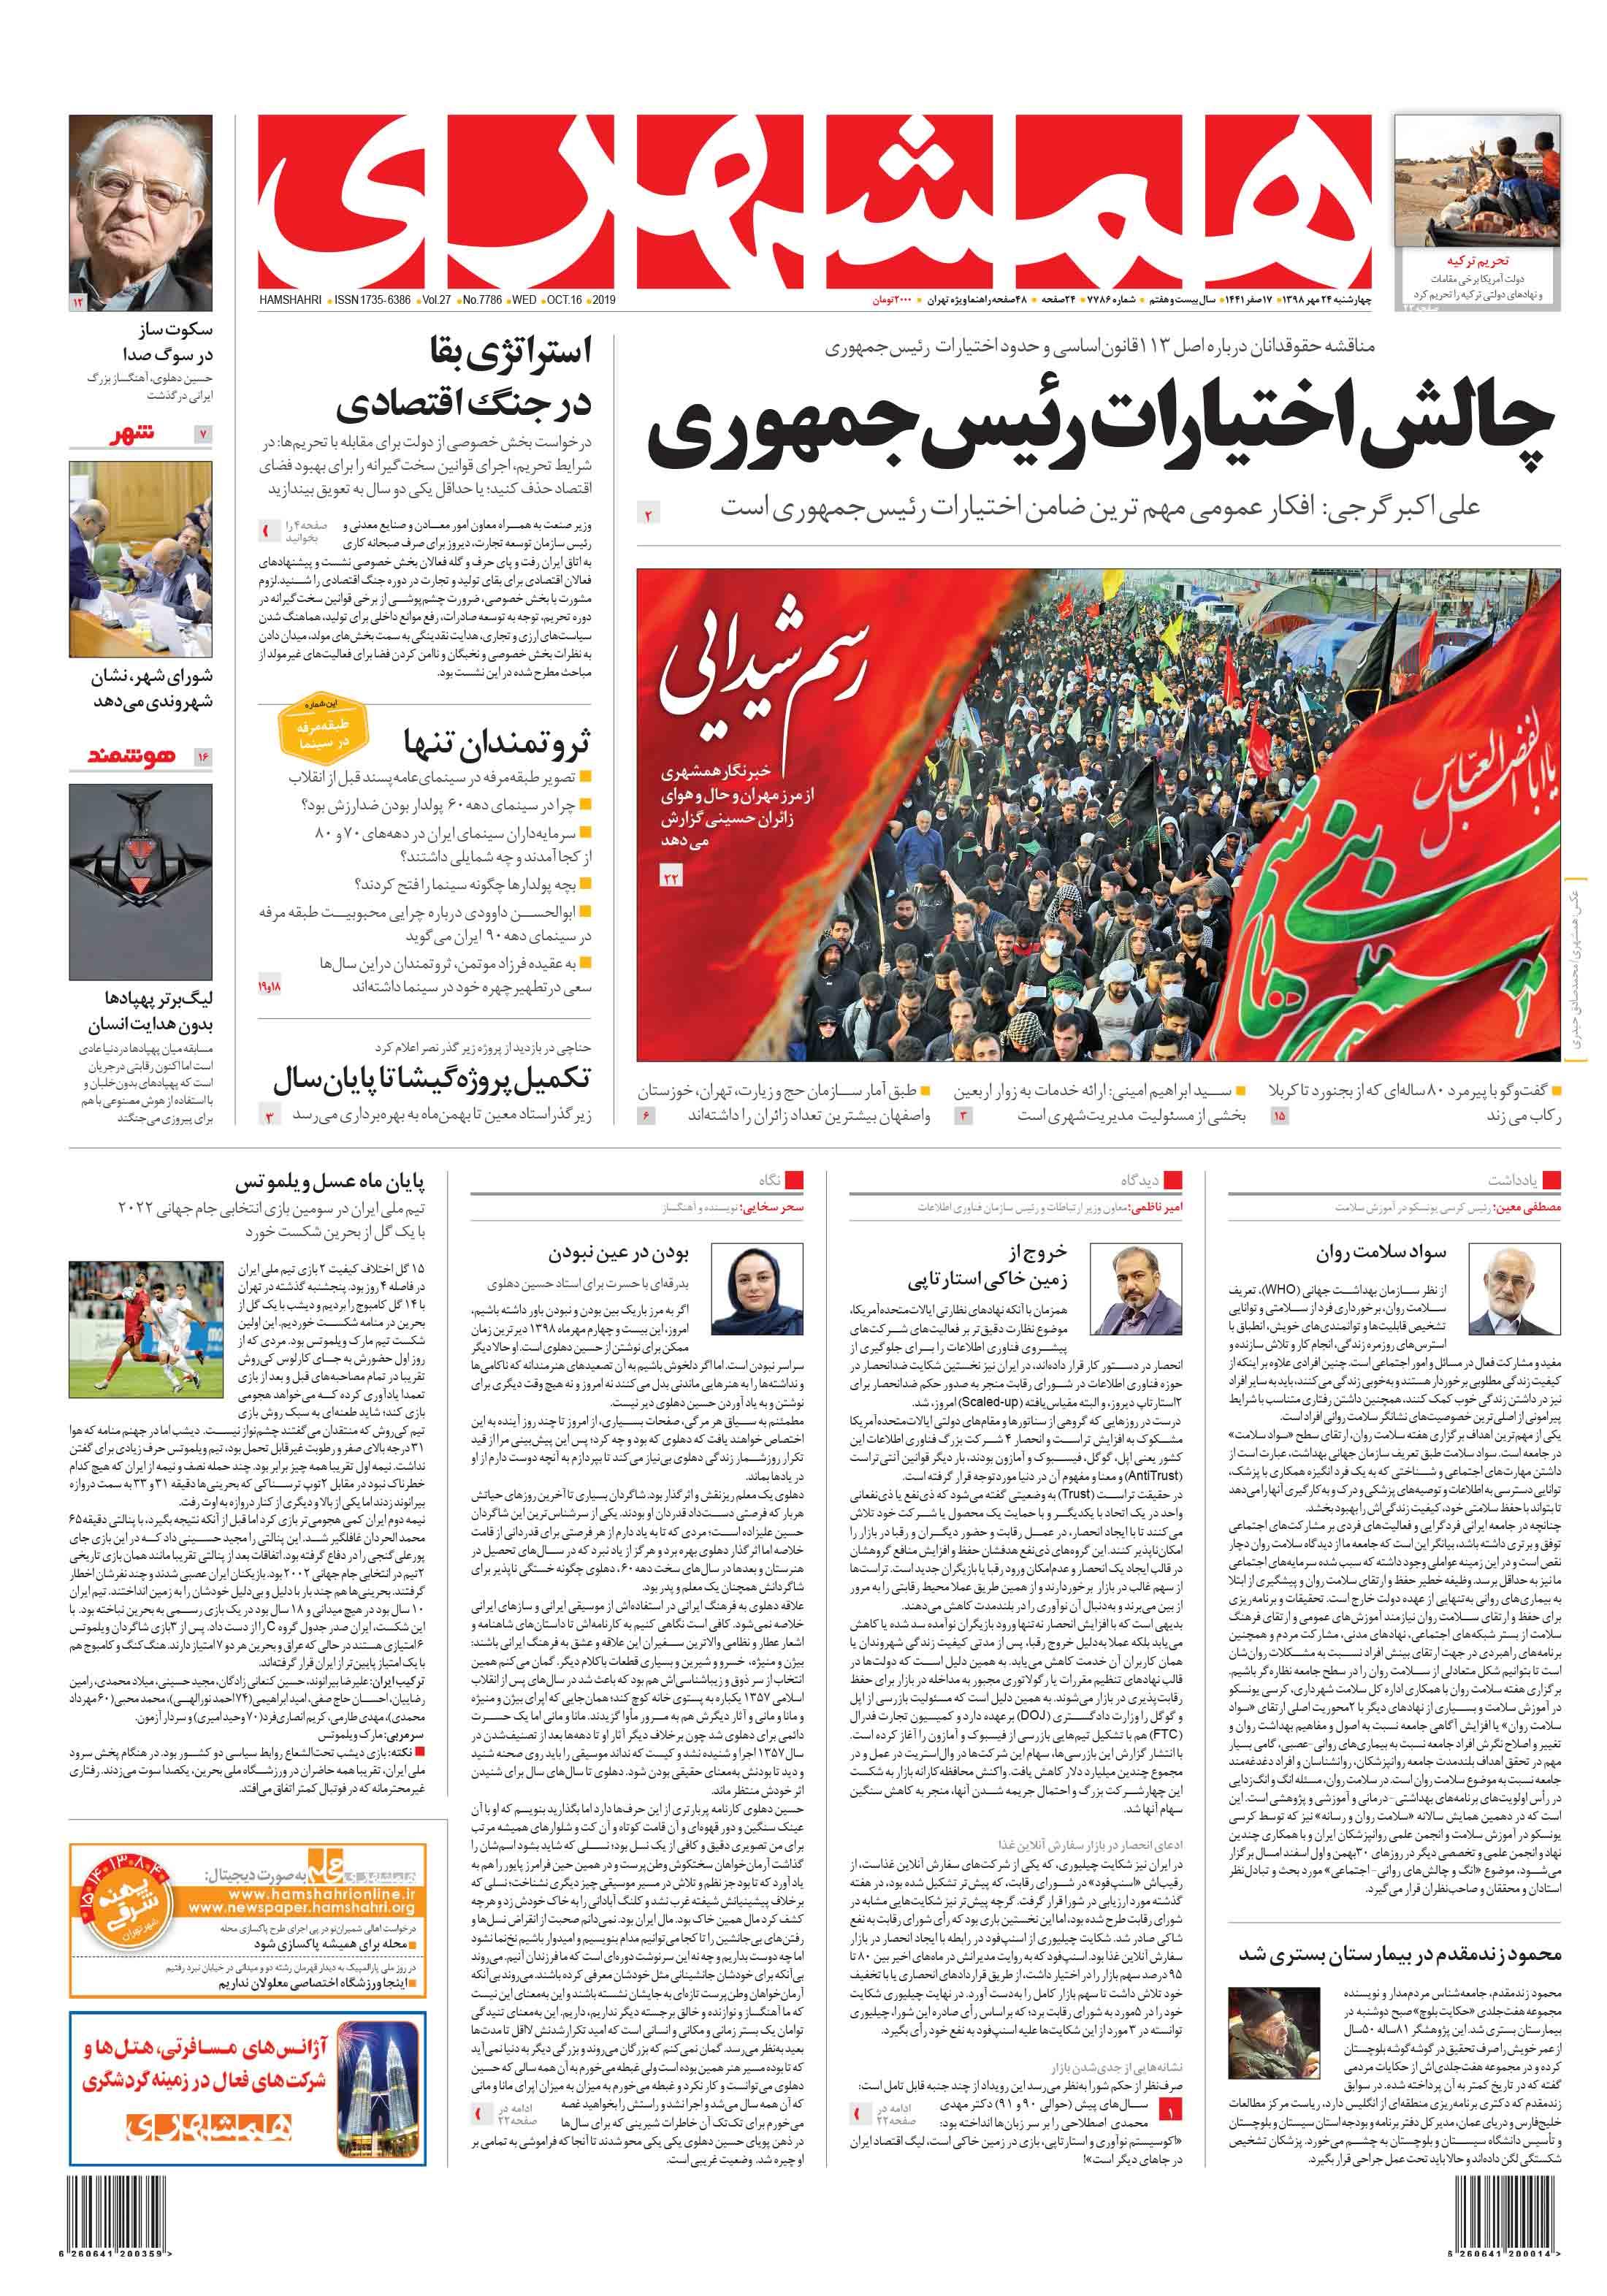 صفحه اول چهارشنبه 24 مهر 1398